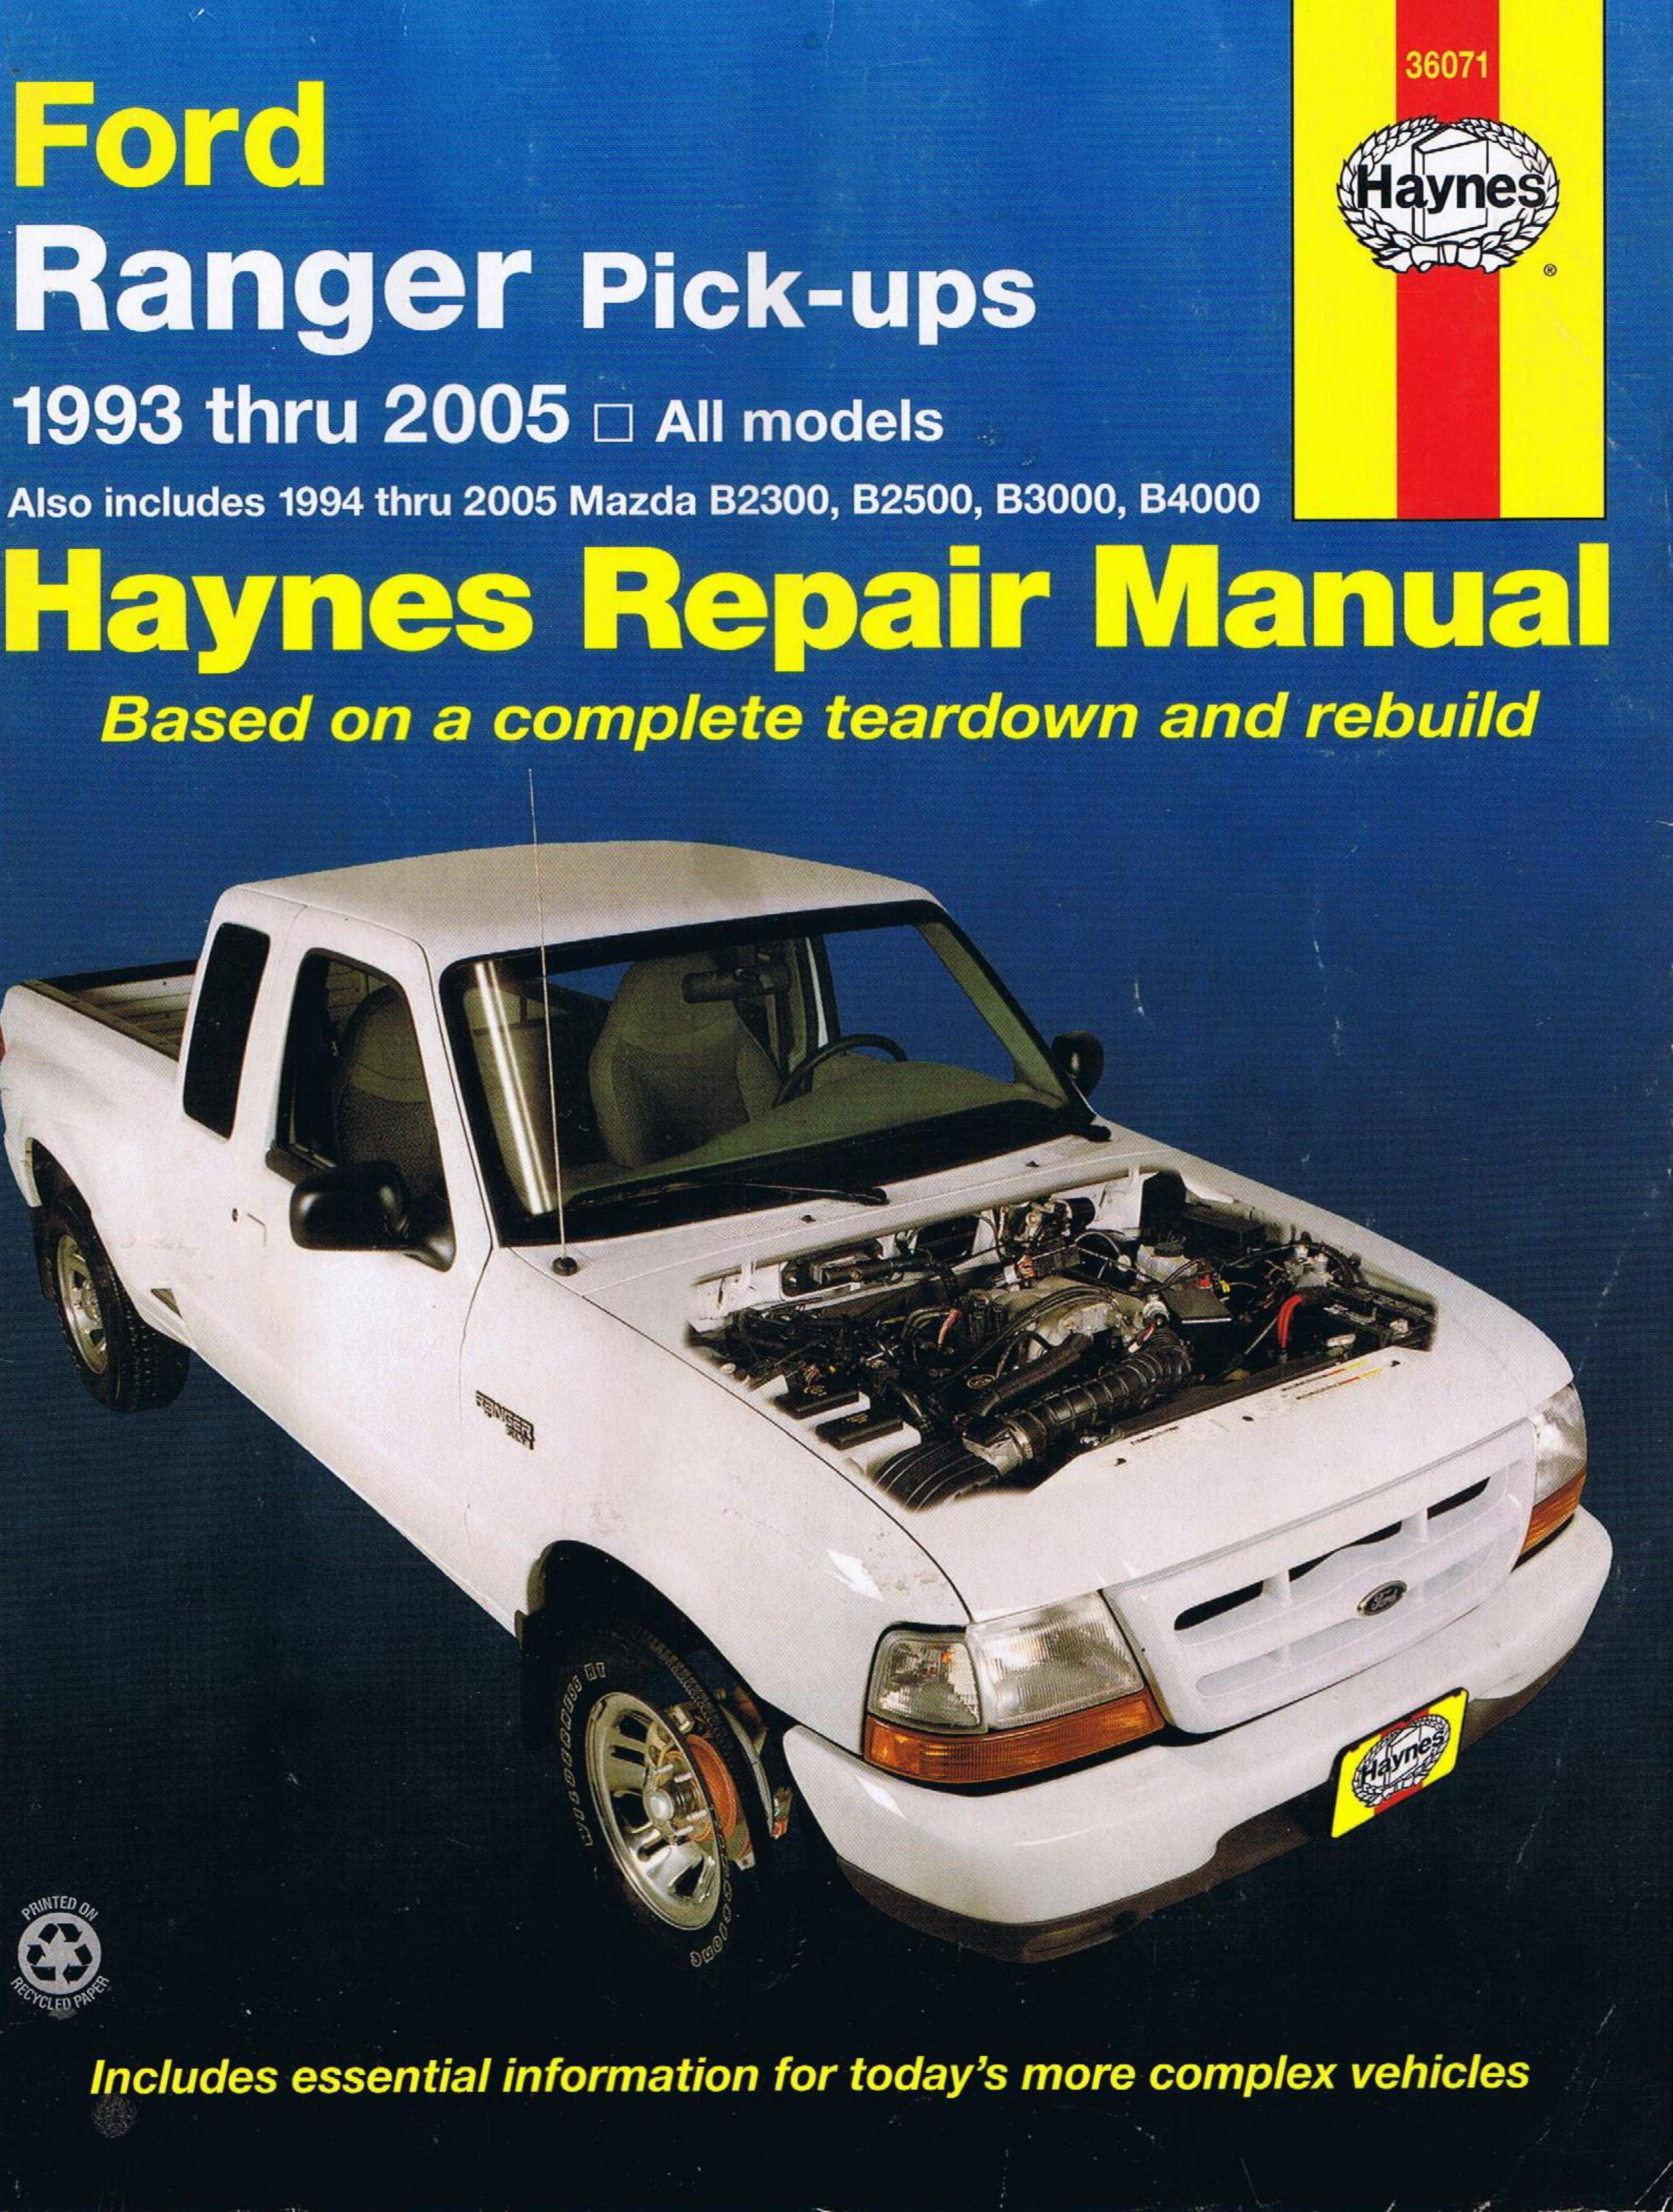 ford ranger 1993 2005 service manual pdf [ 3181 x 4205 Pixel ]